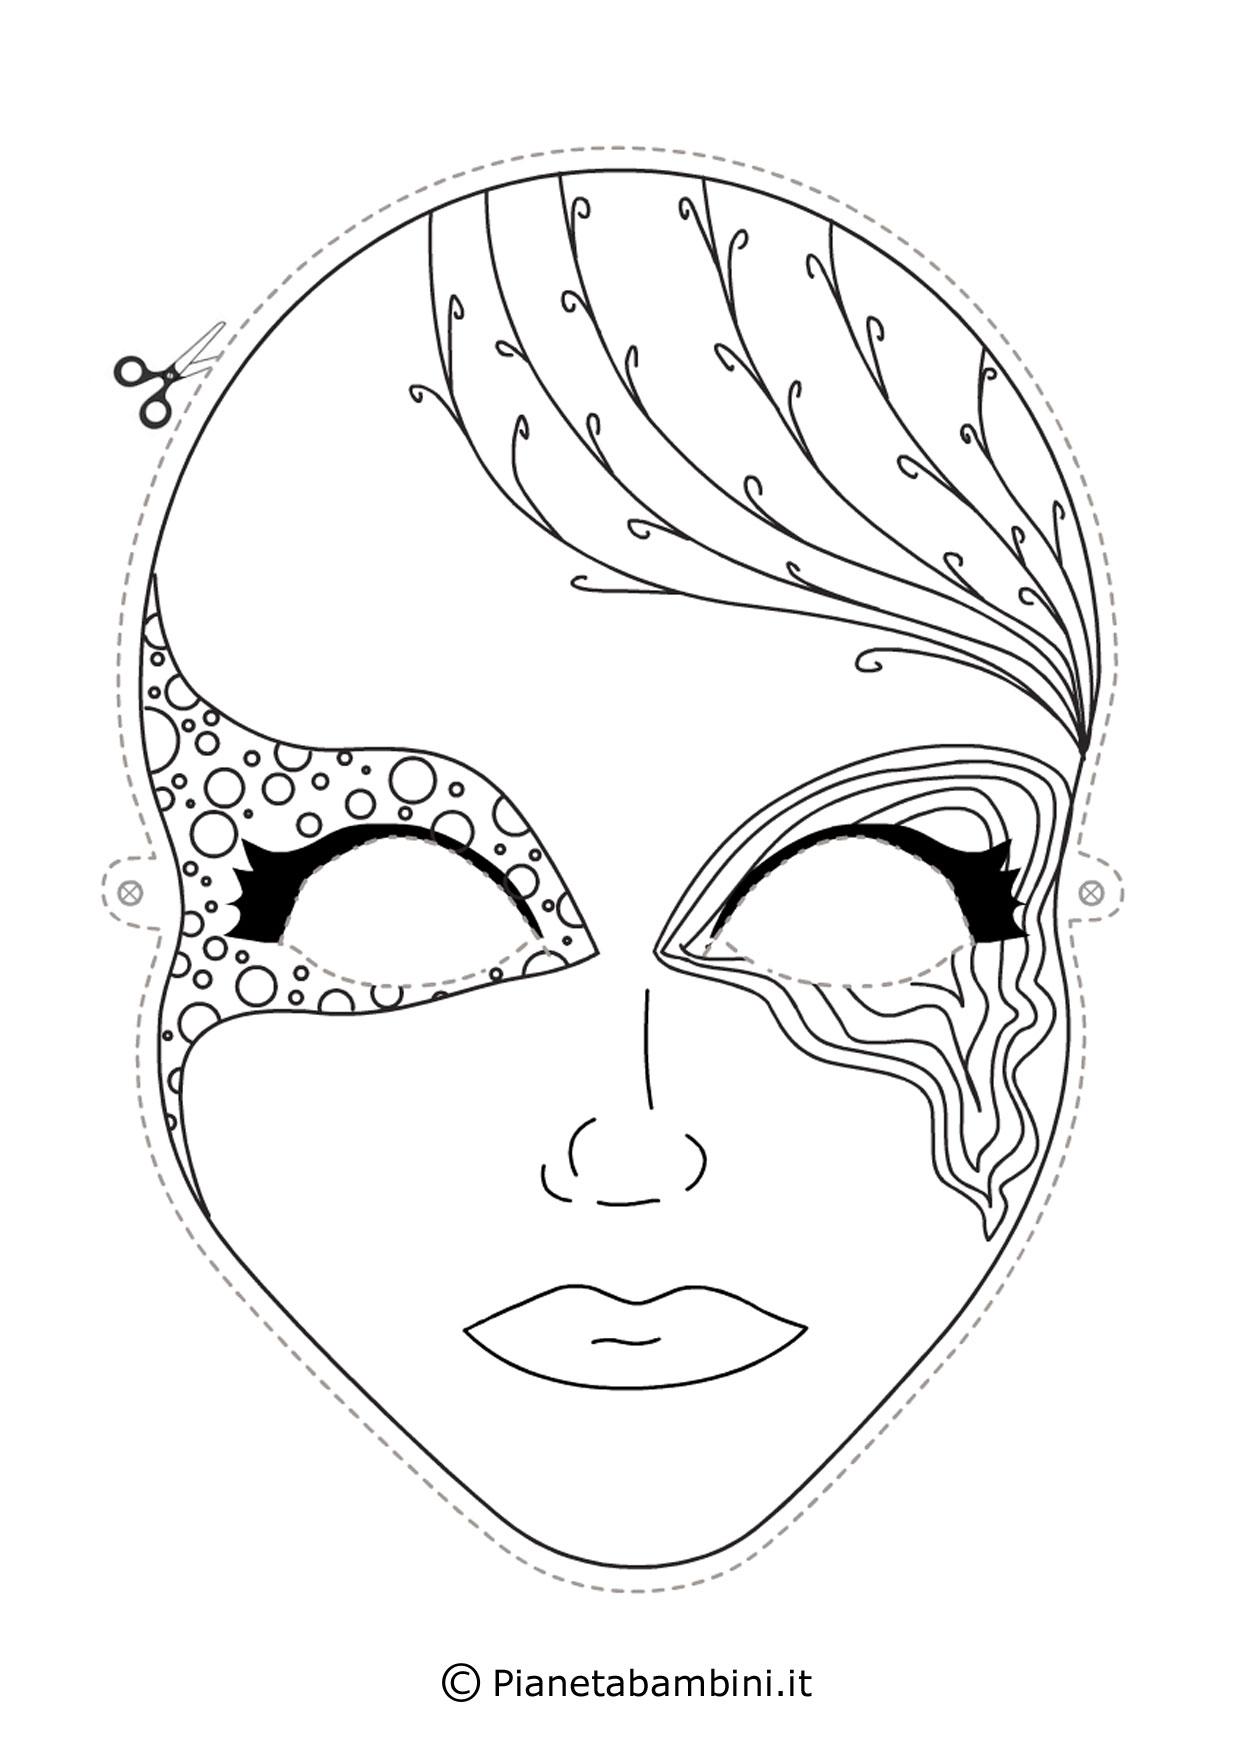 Eccezionale Disegni Di Maschere Di Carnevale Winx Da